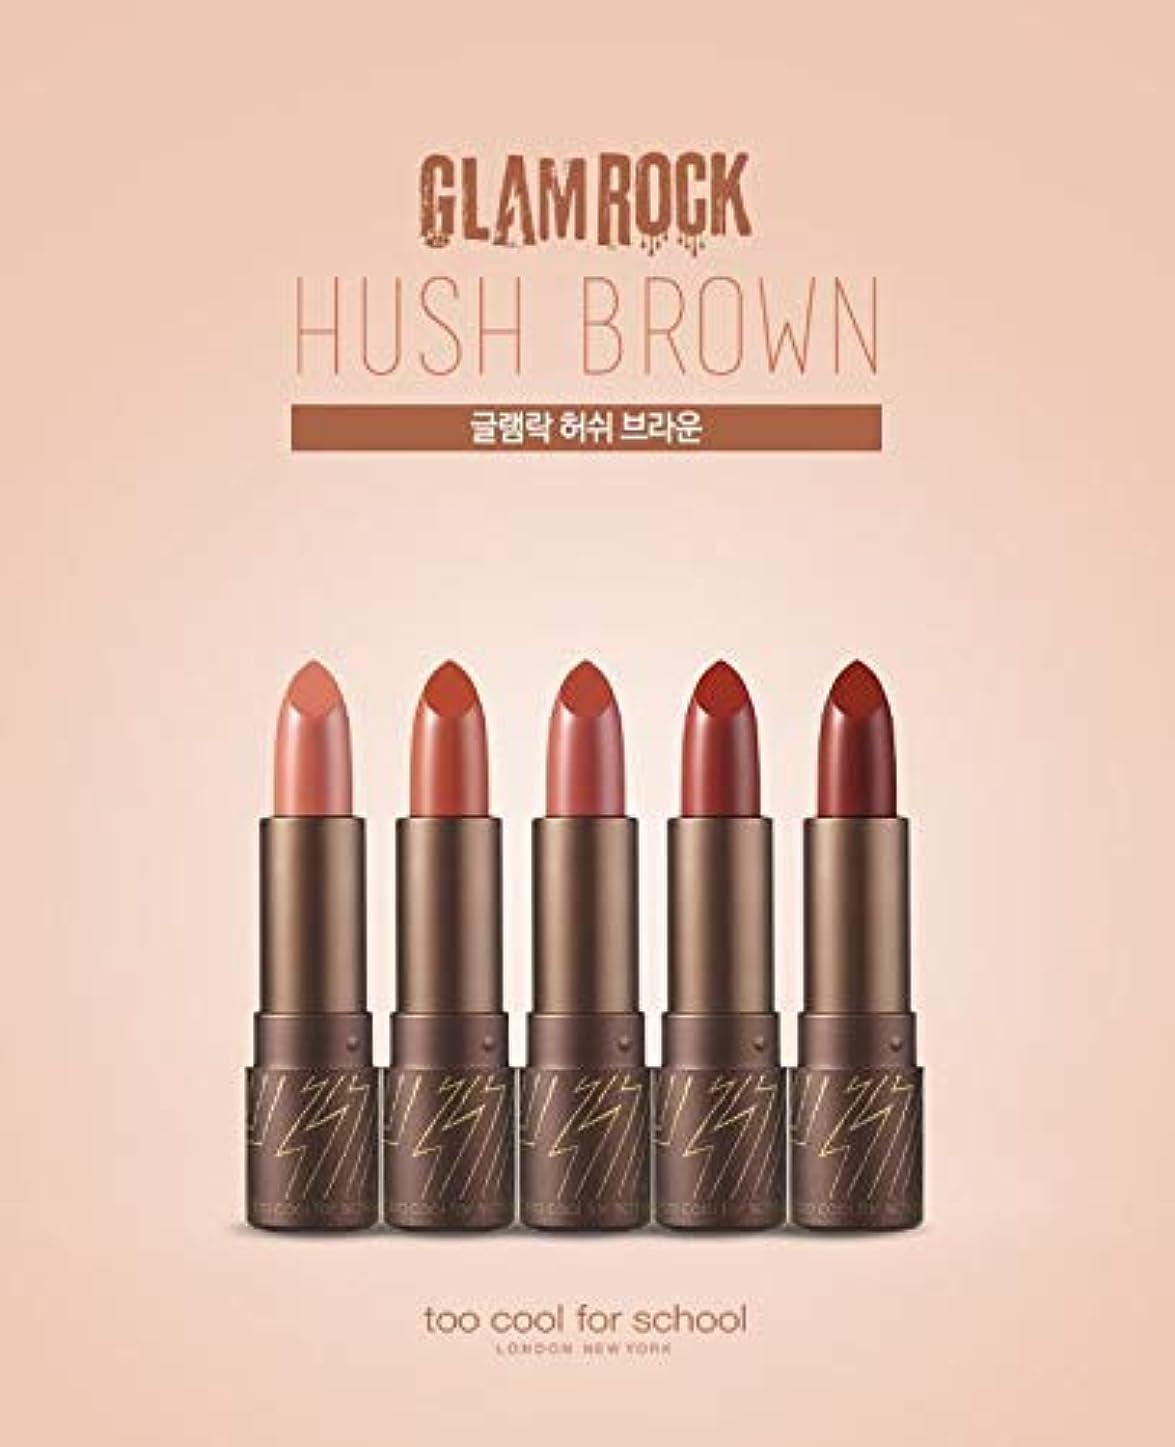 送料乞食八百屋[too cool for school] GLAMROCK Hush Brown 4.2g /グルレムラクハーシーブラウン (1号 Mute/ミュート) [並行輸入品]